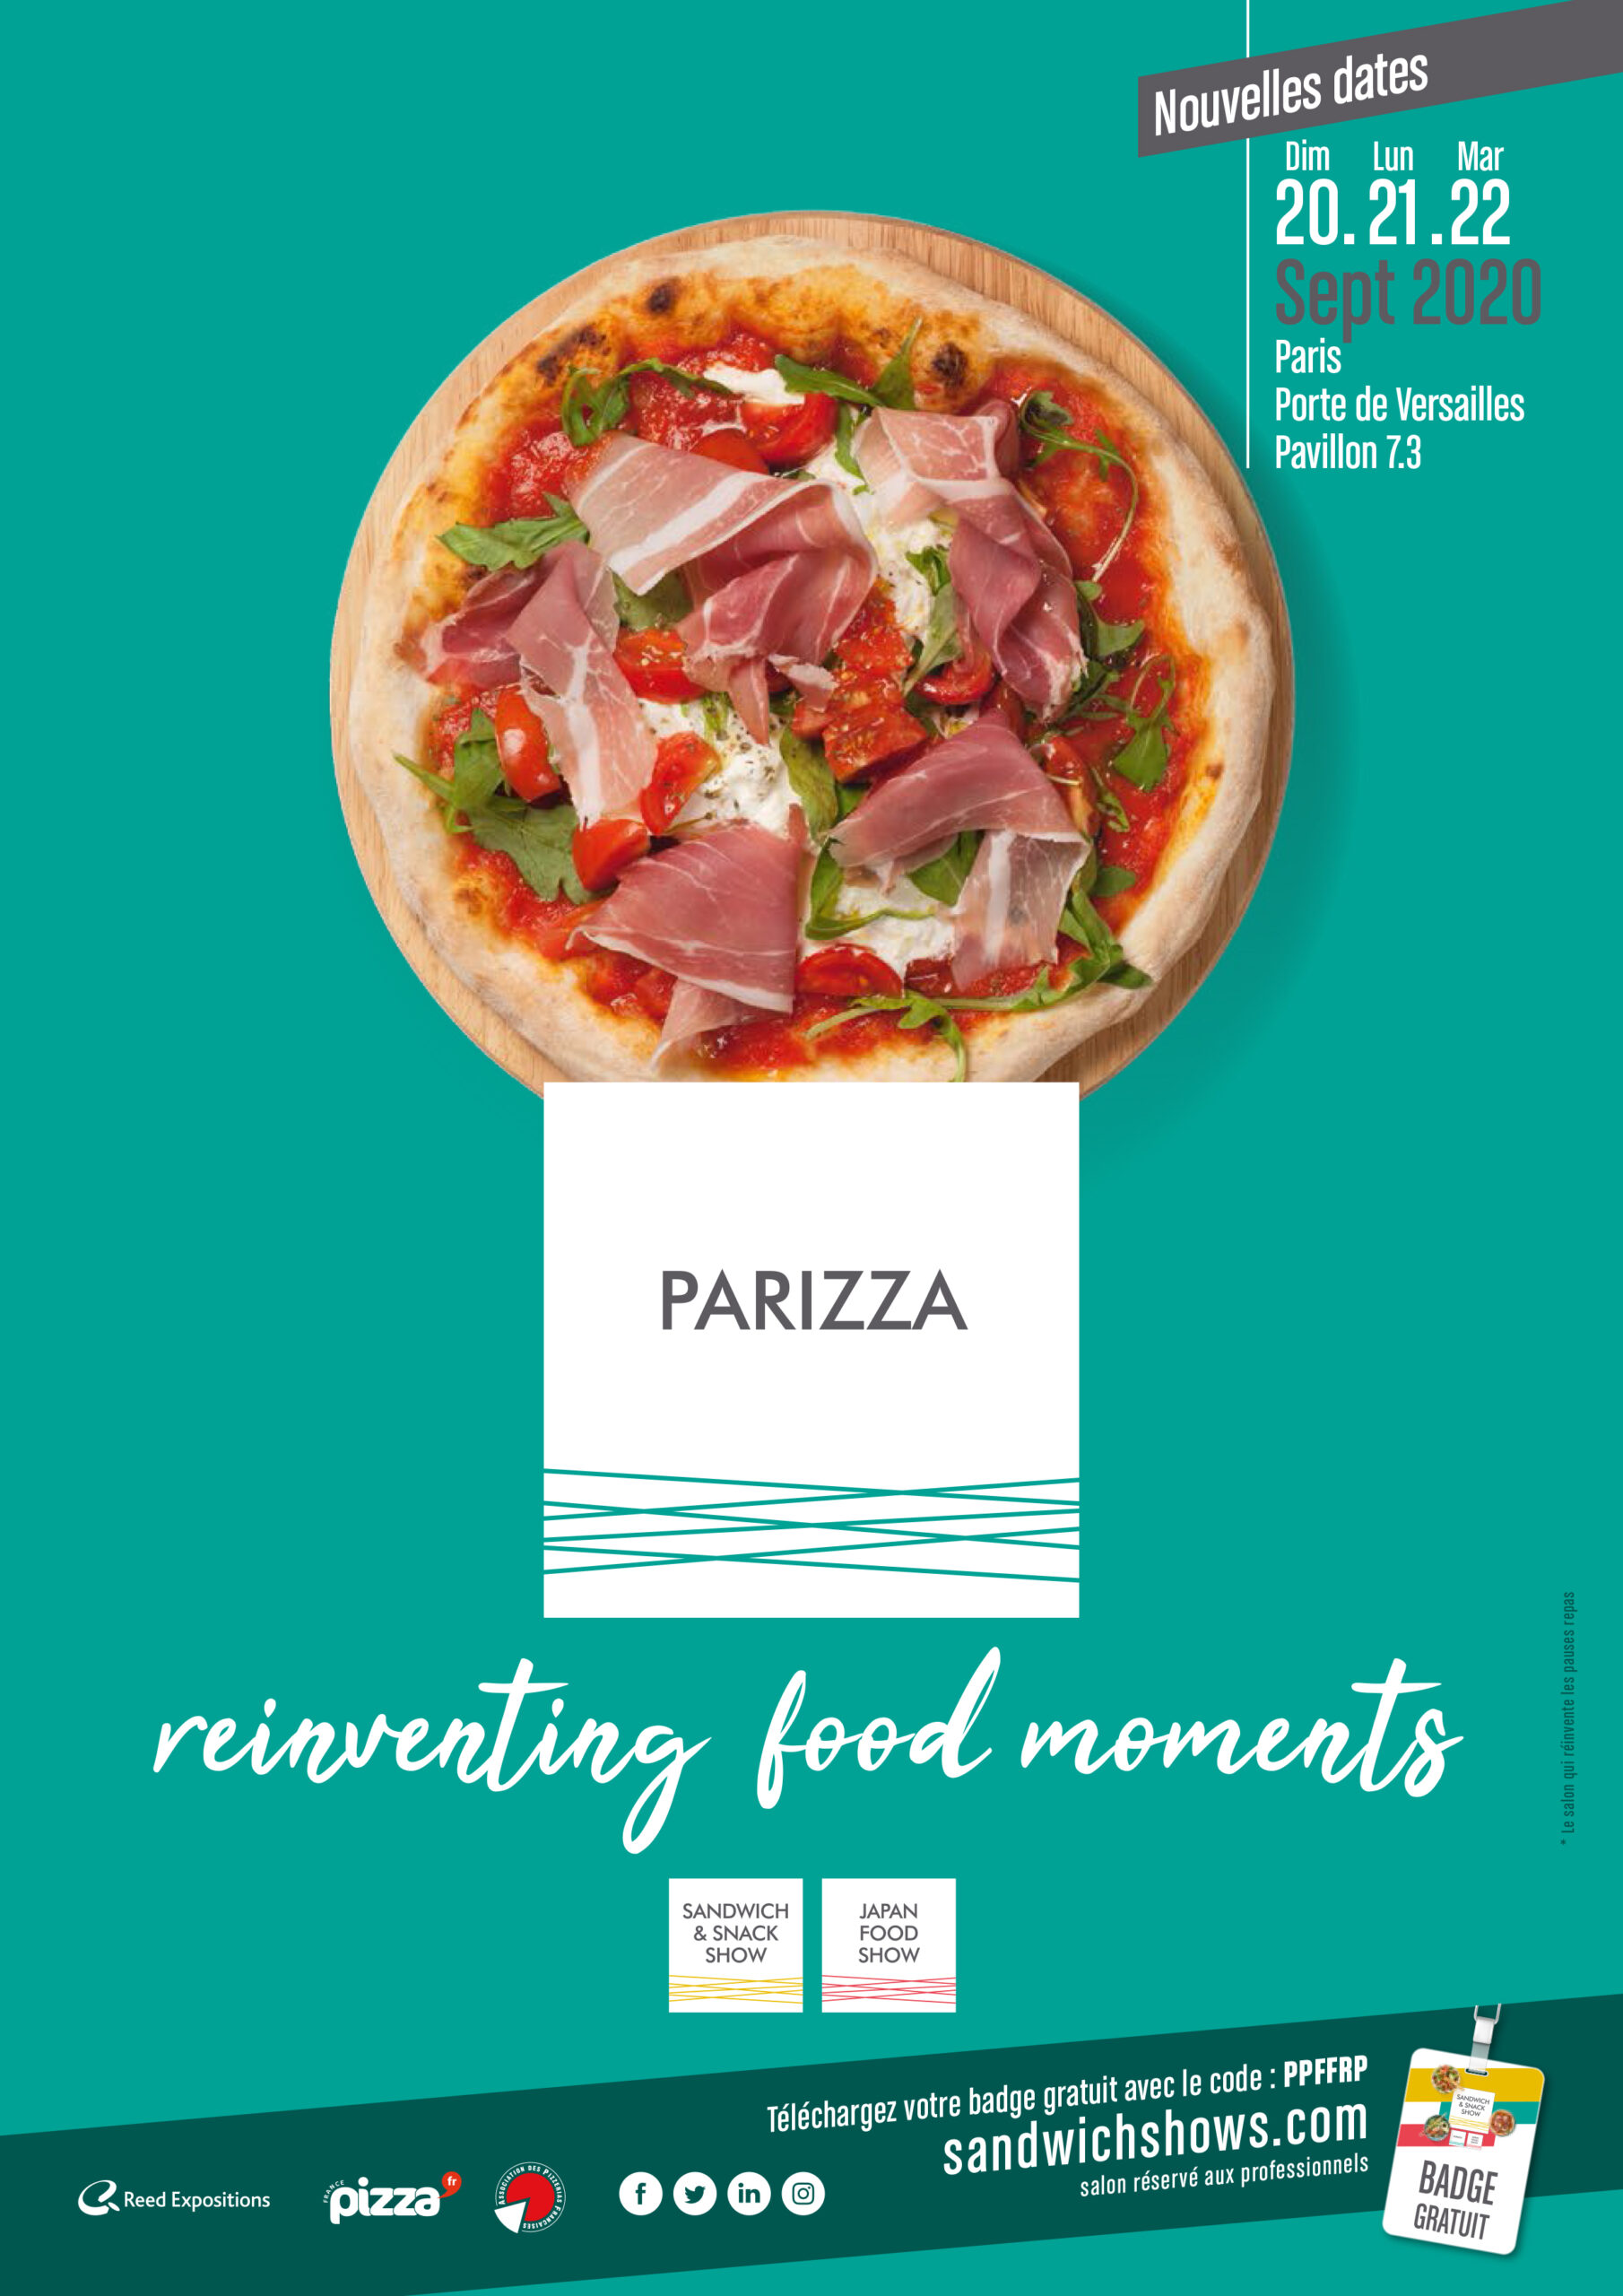 Parizza nouvelles dates